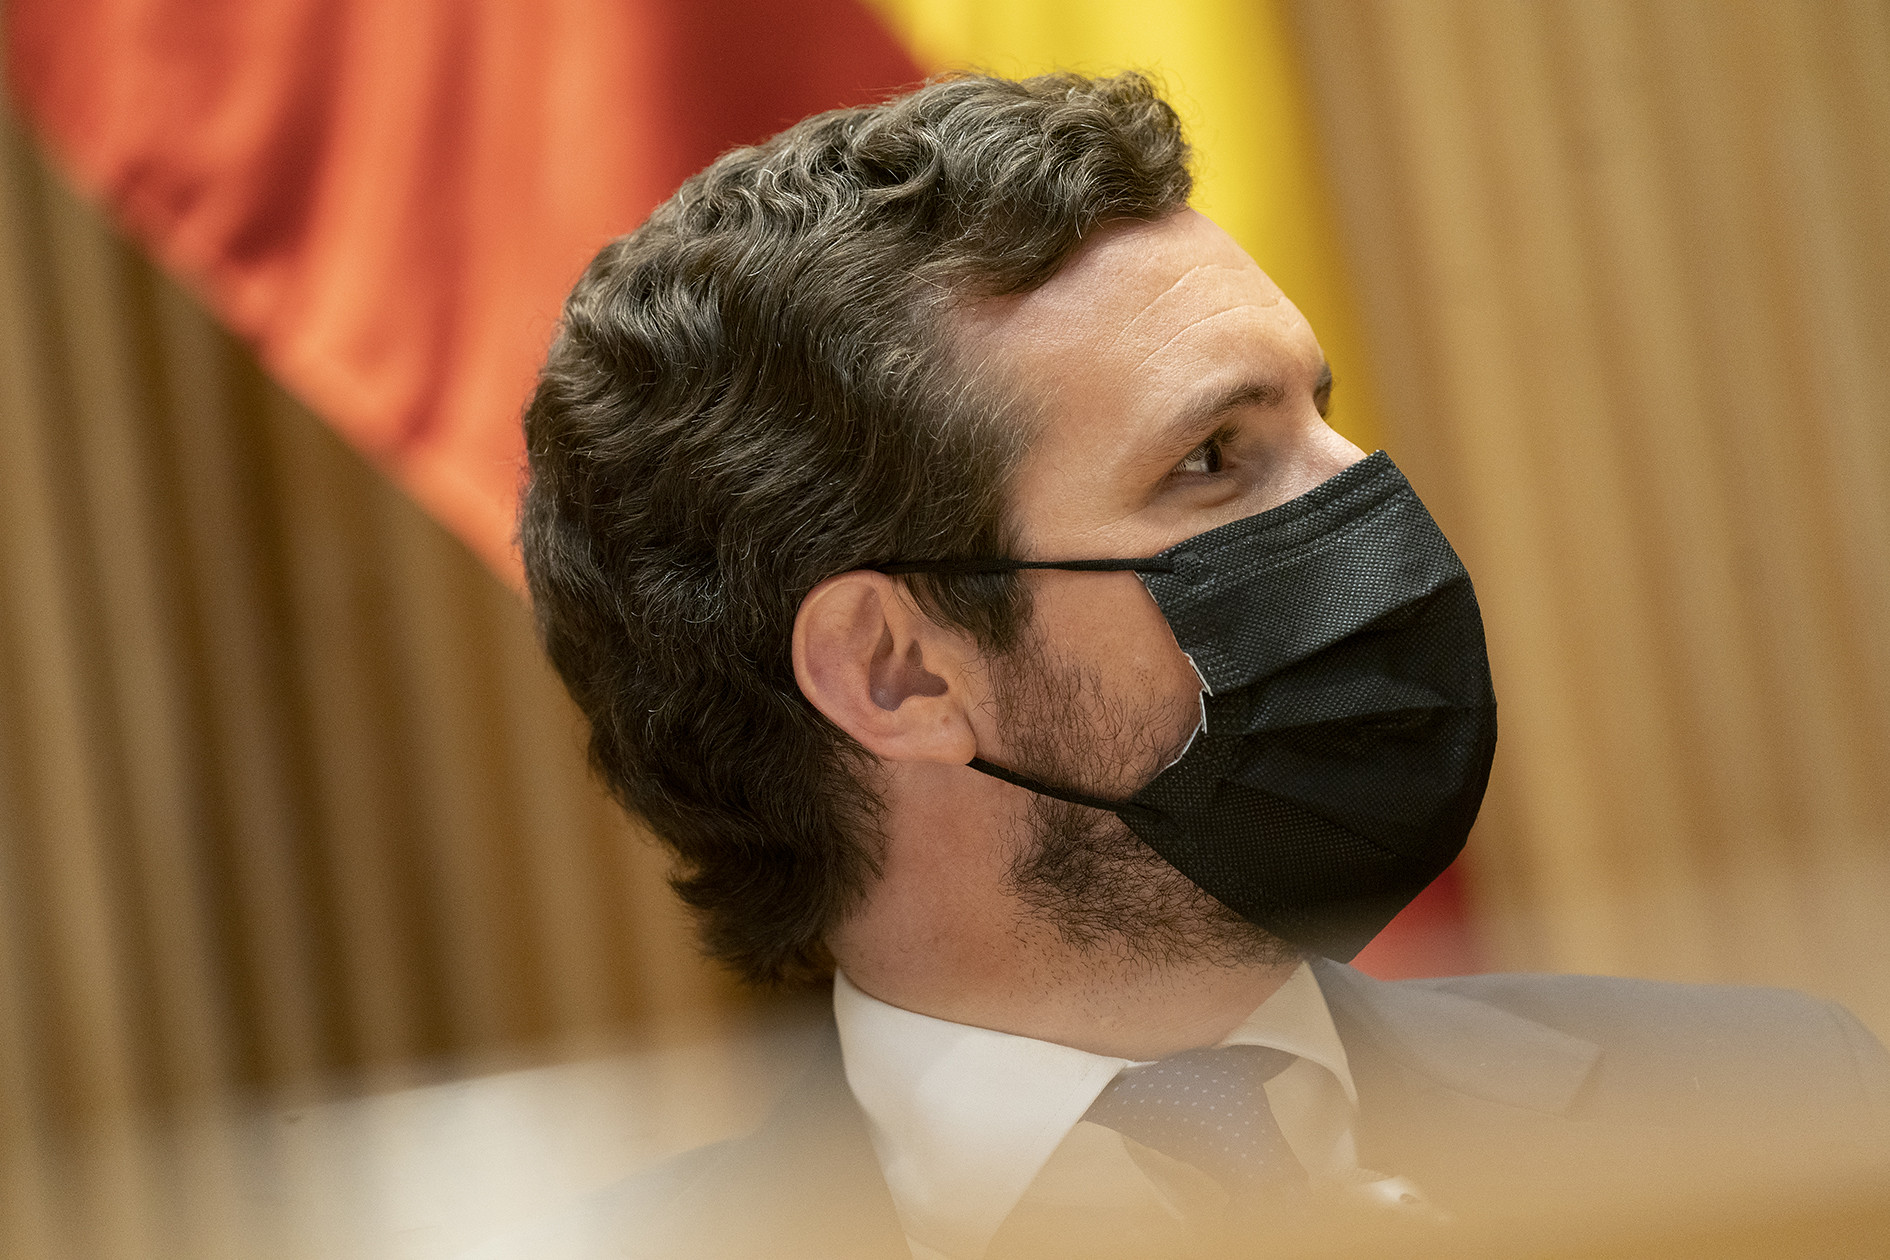 Pablo Casado saca 38 escaños de ventaja a Sánchez y alcanza la mayoría absoluta con Vox, según GAD3./ EFE